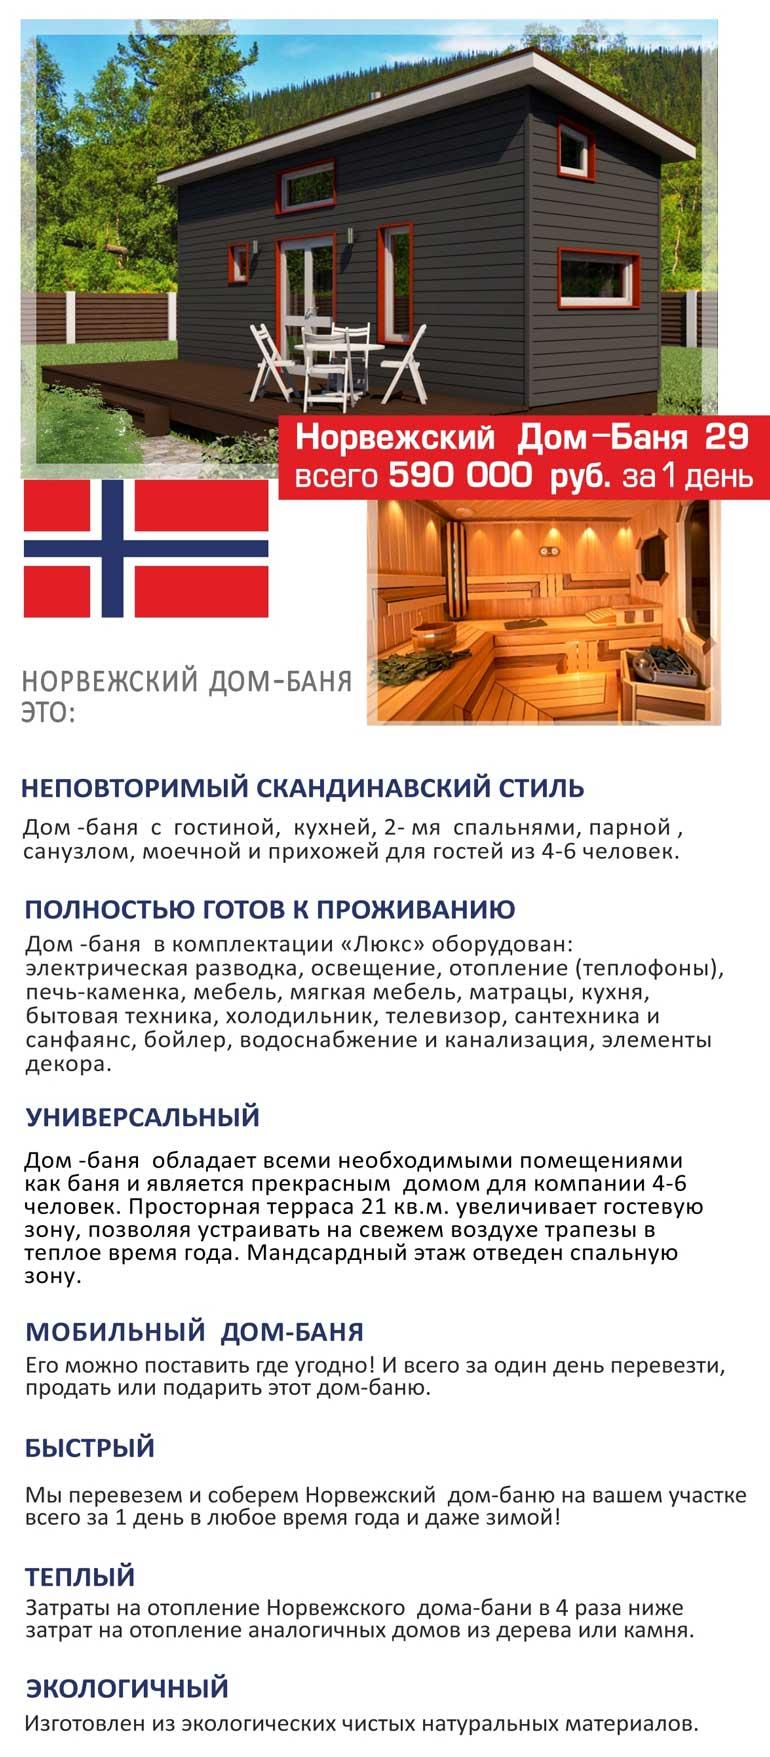 norvezhskiy-dom-banya-29-modum-za-1-den